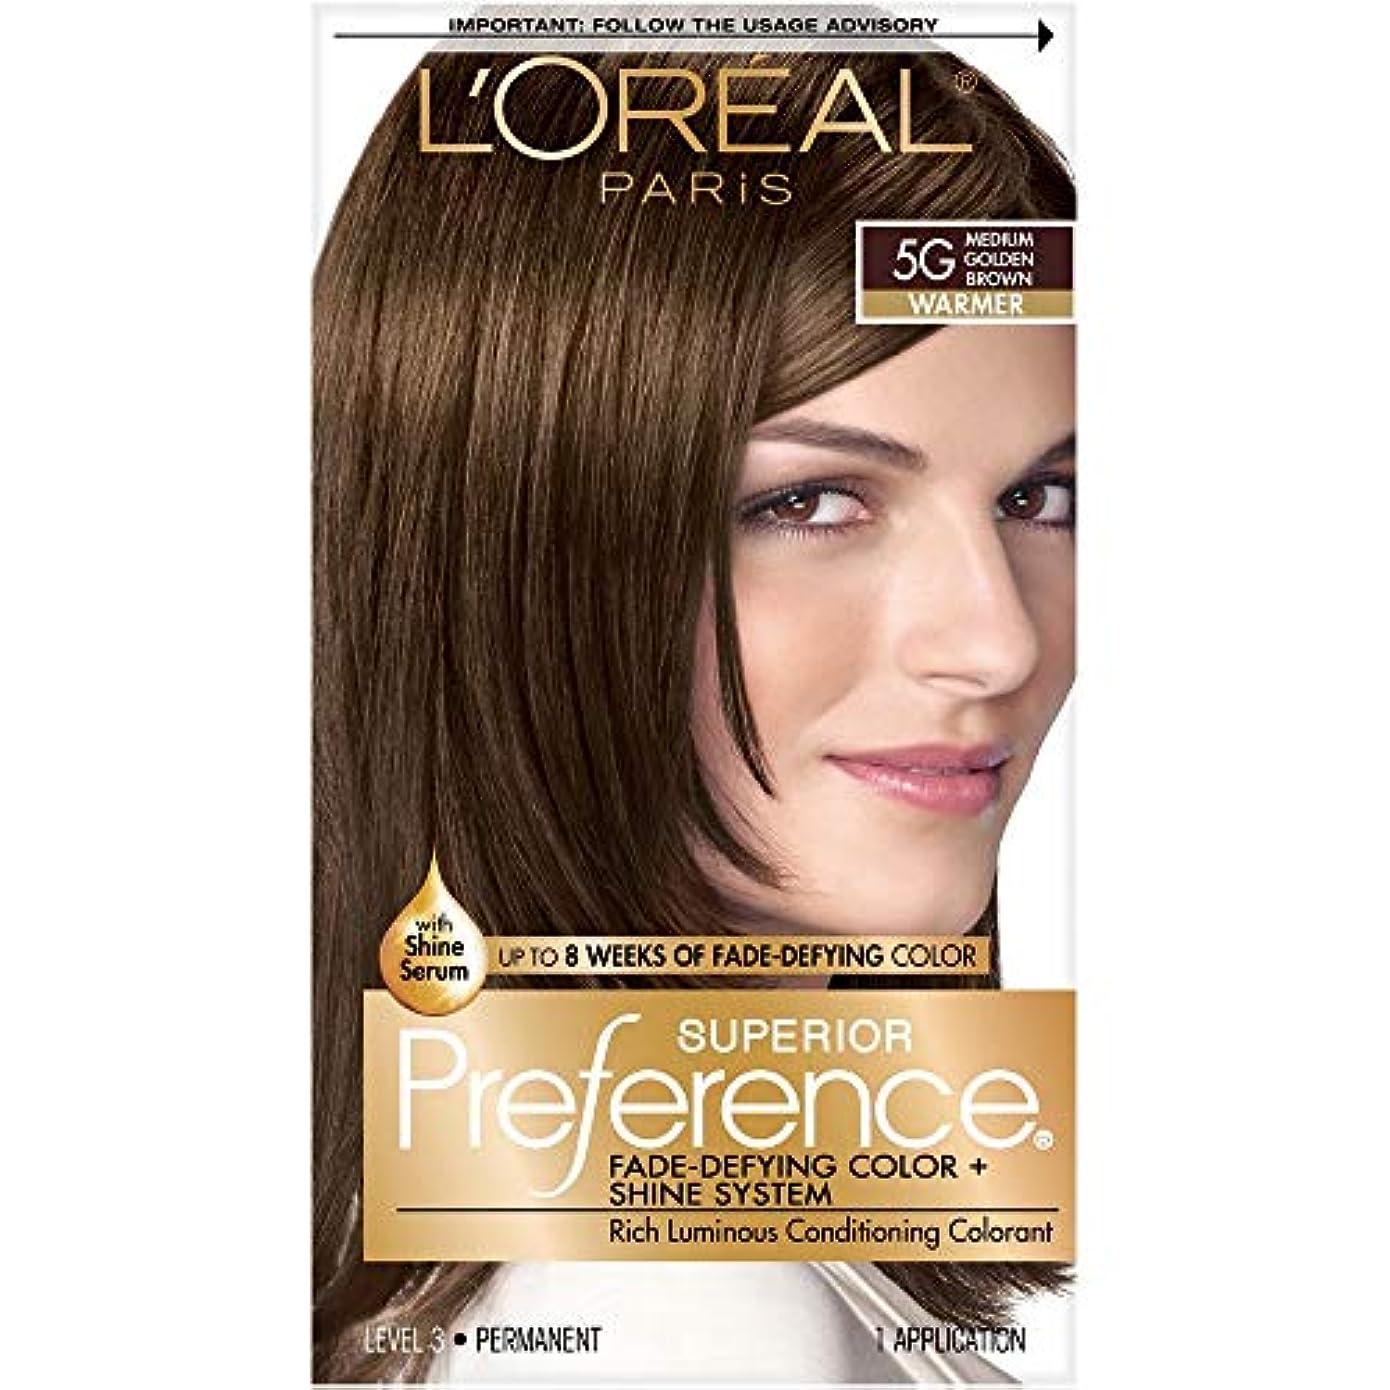 ホース母性可聴海外直送肘 LOreal Superior Preference Hair Color 5G Medium Golden Brown, Medium Golden Brown 1 each